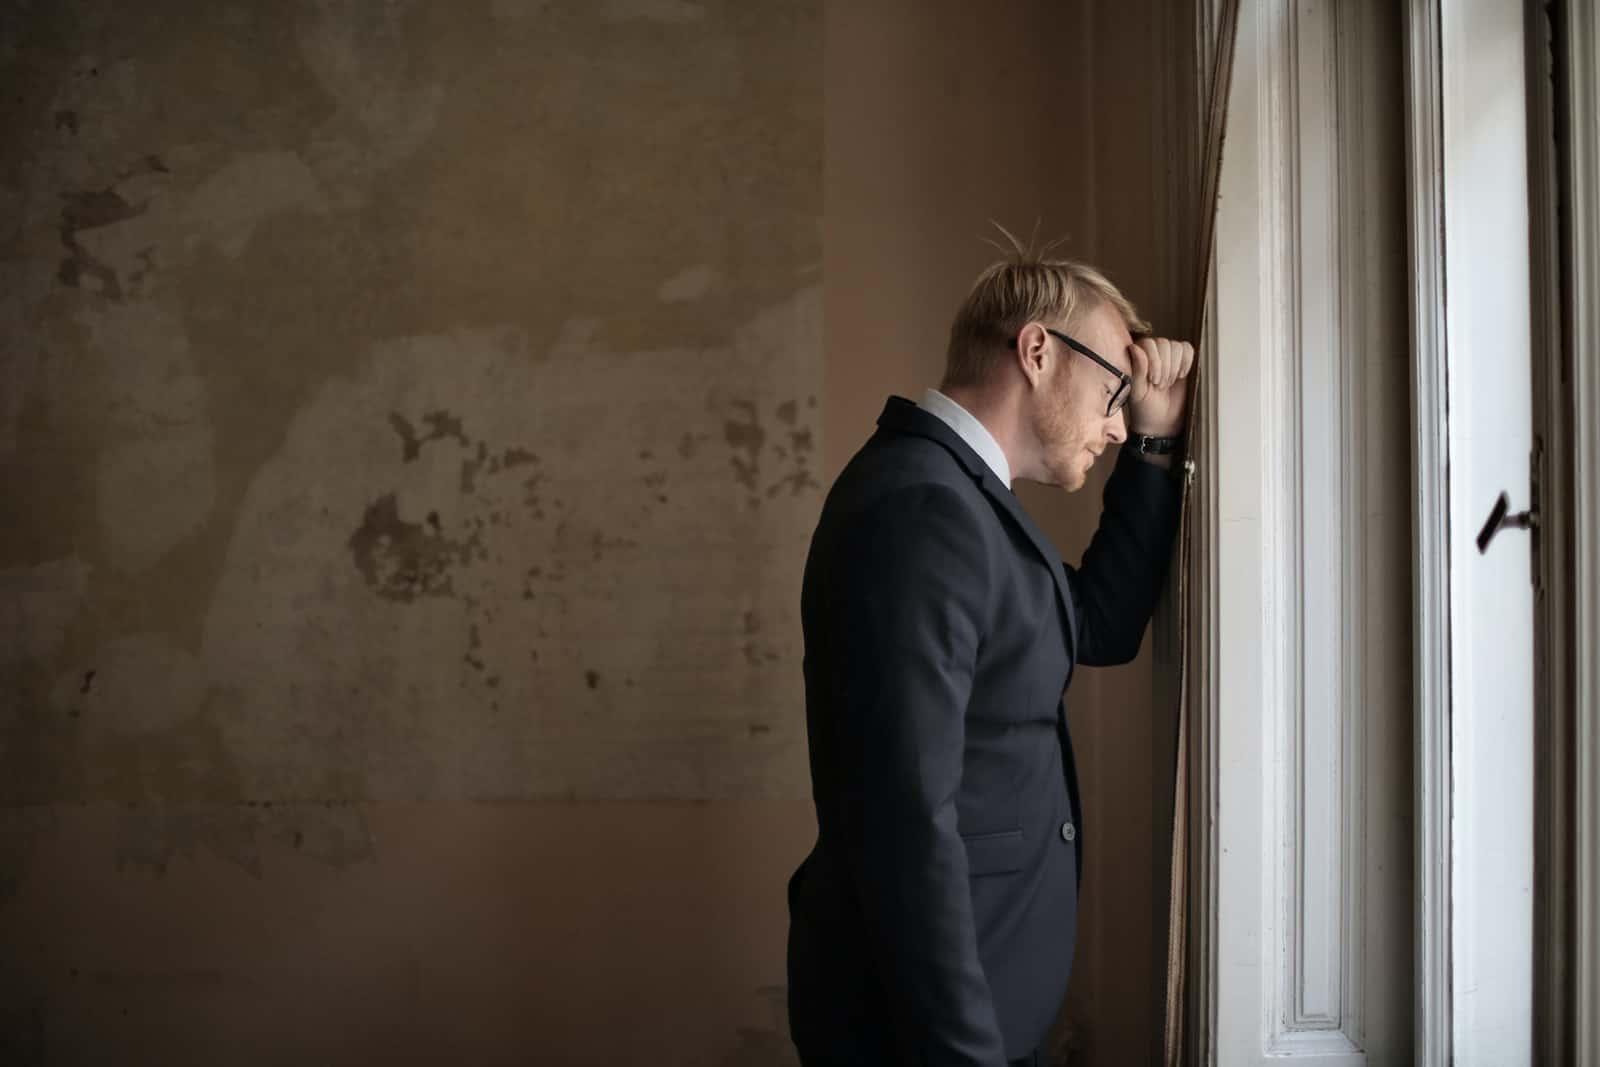 Ein verzweifelter Mann lehnte den Kopf an die Wand neben dem Fenster